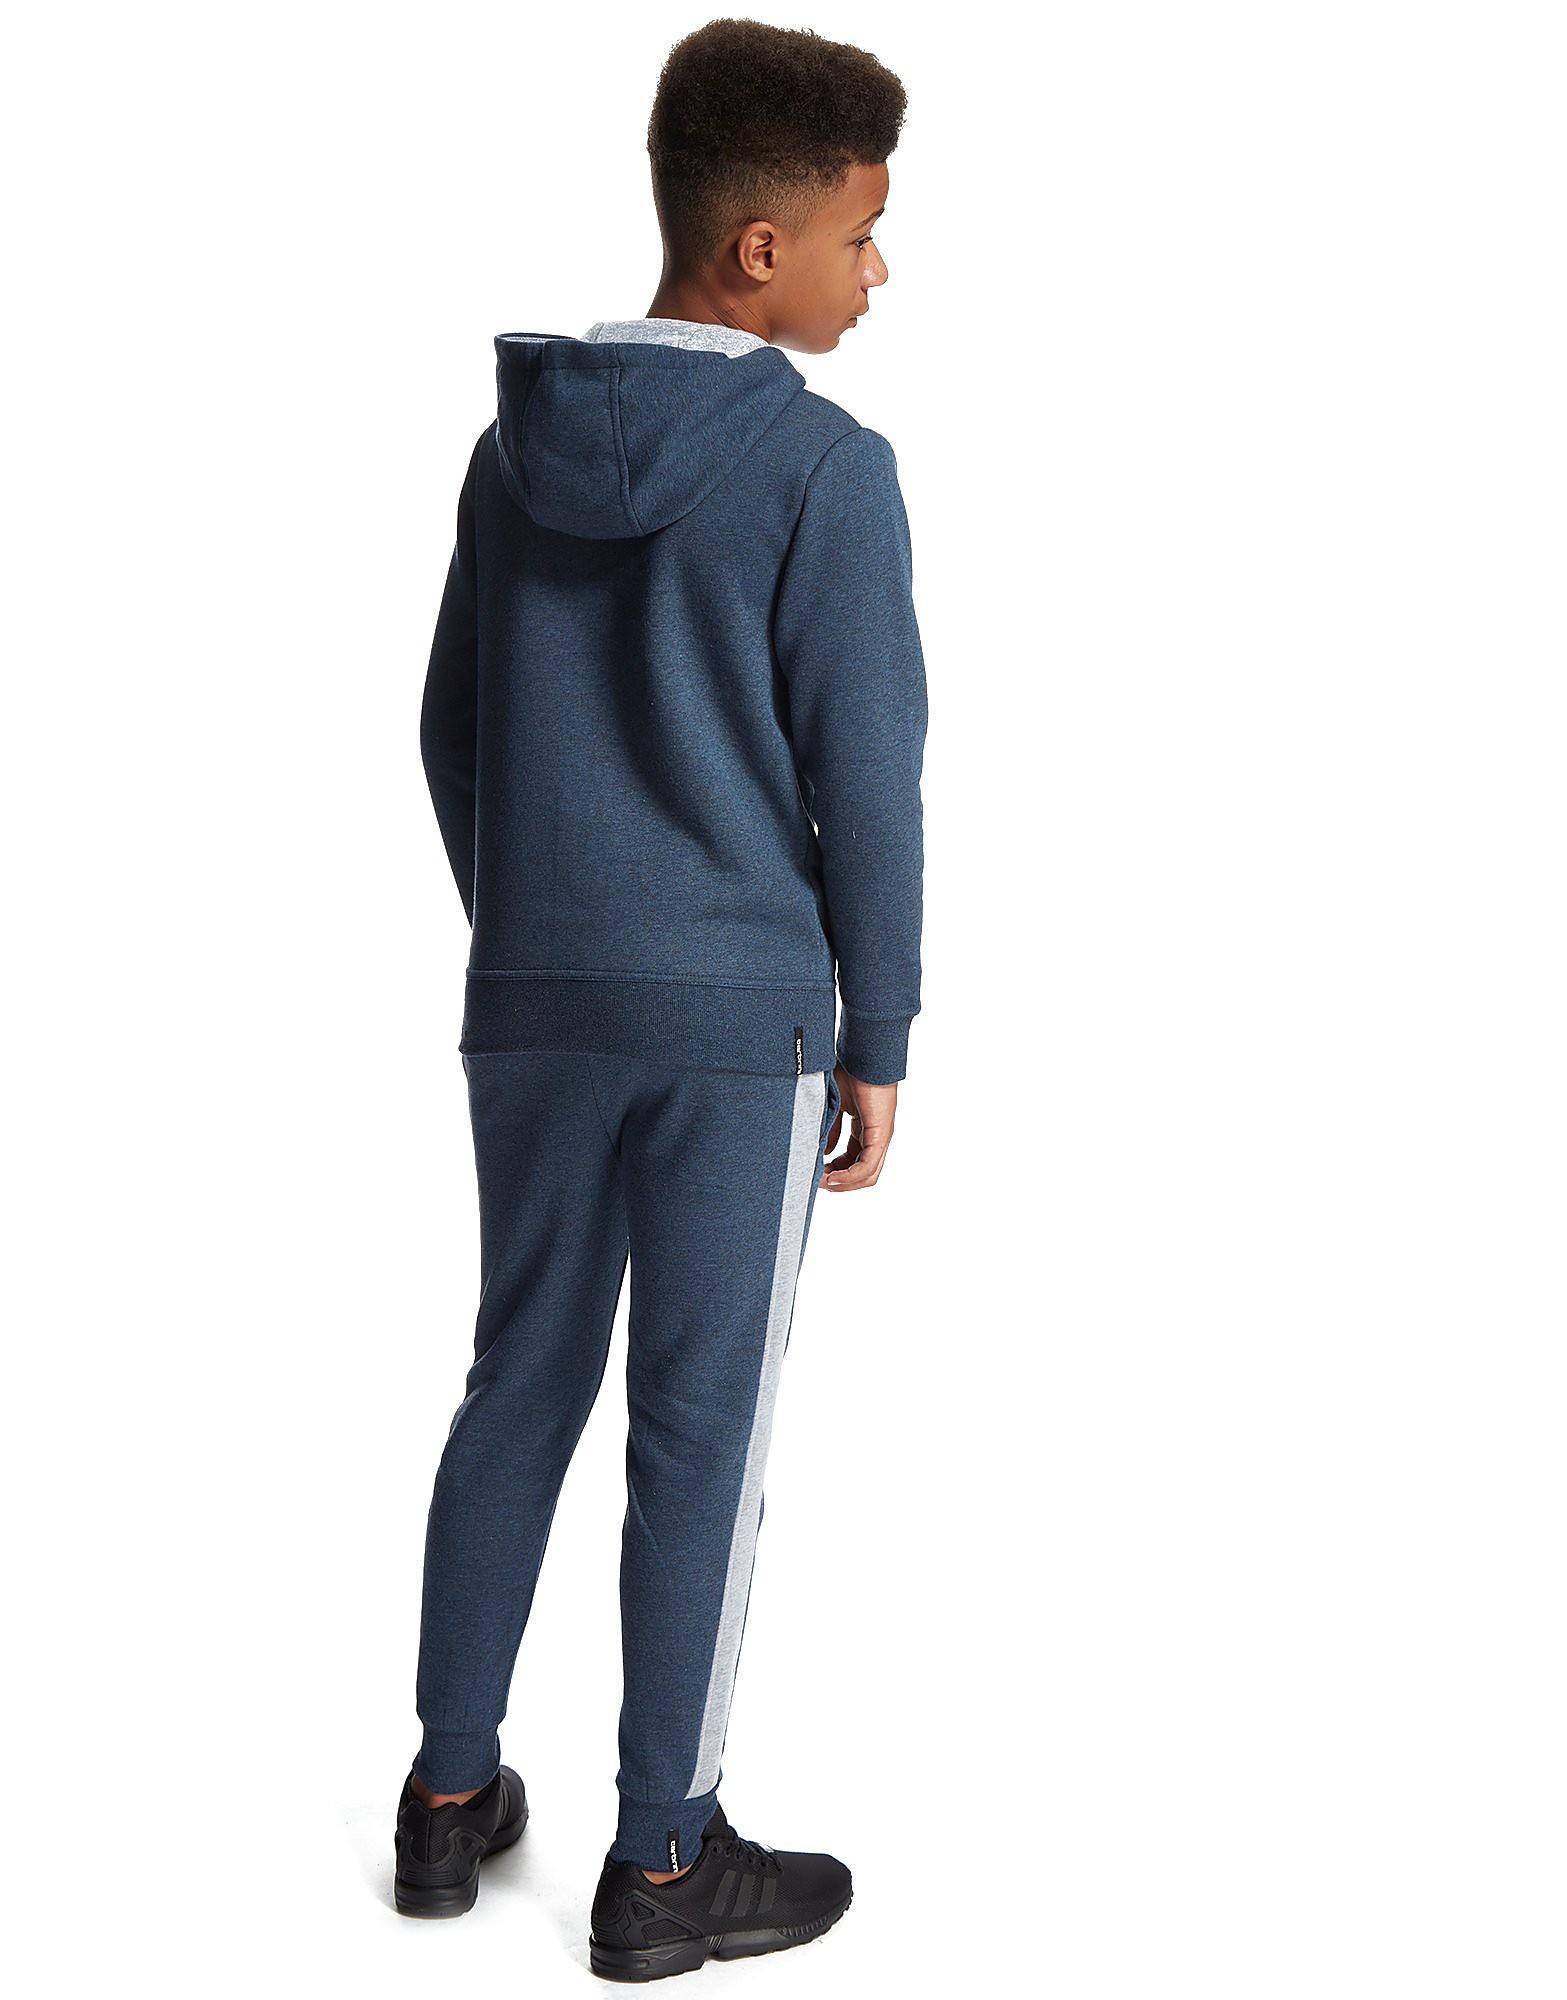 Carbrini Dutch 2 Suit Junior